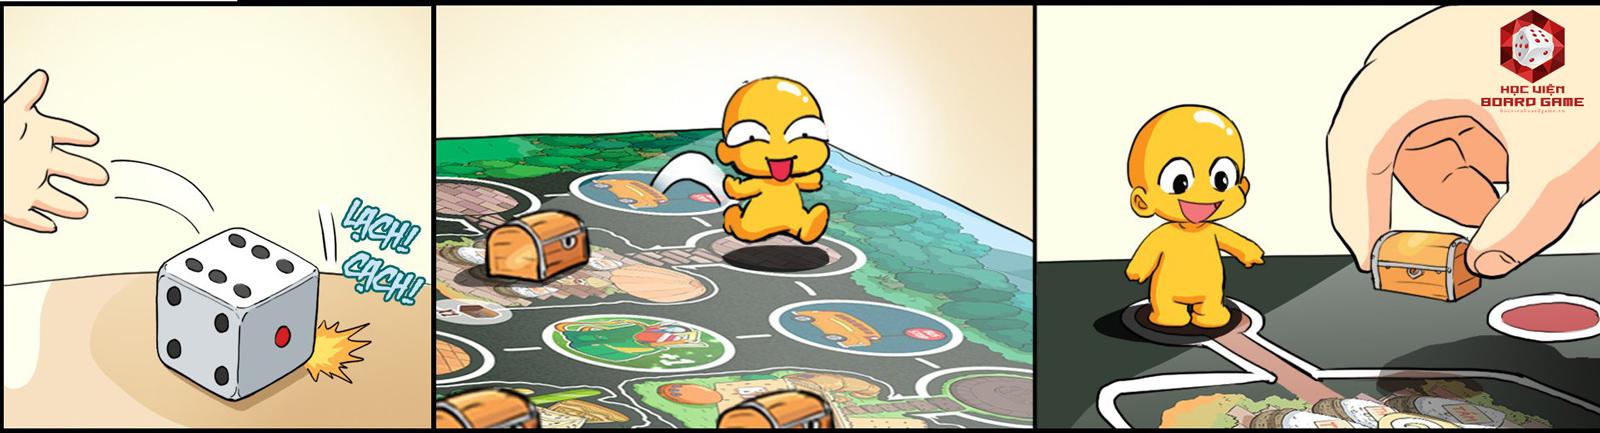 Hướng dẫn cách chơi board game Lớp học Mật Ngữ, cuộc đua sao chổi